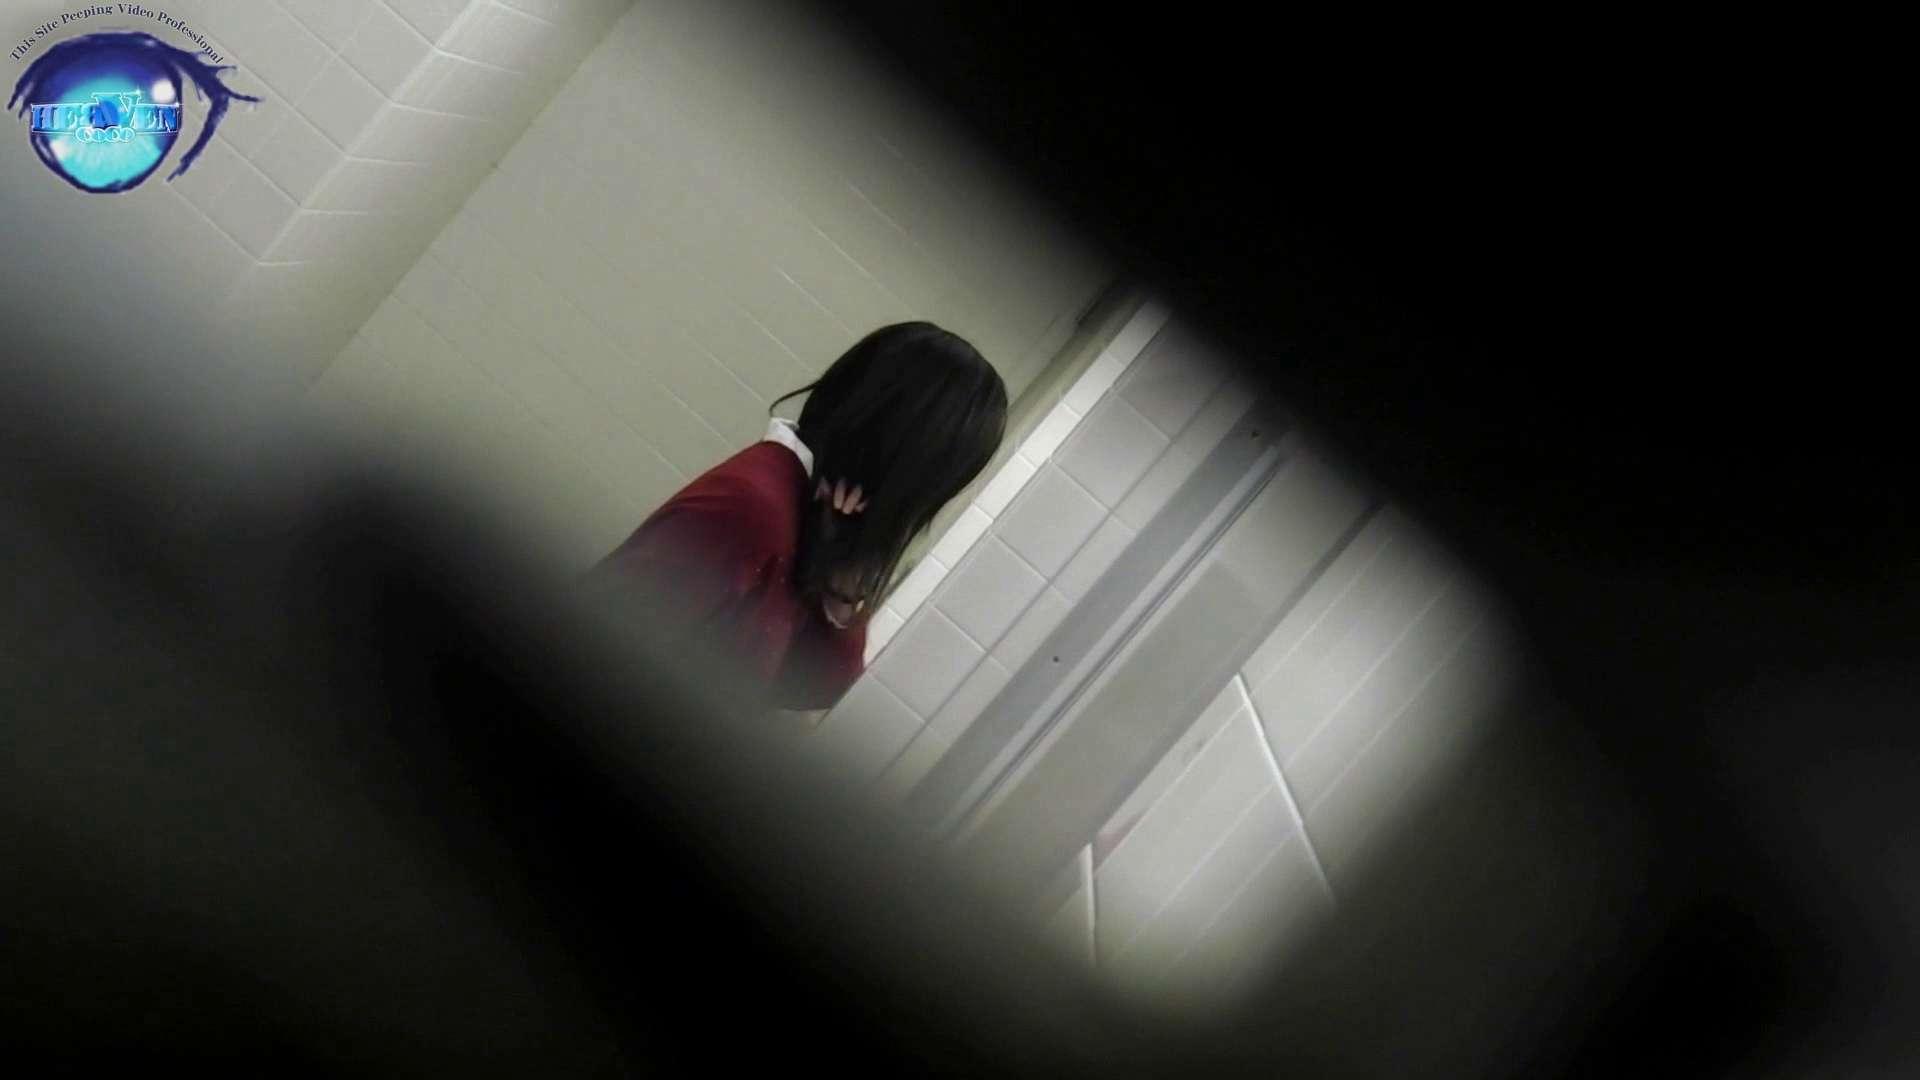 お銀さん vol.59 ピンチ!!「鏡の前で祈る女性」にばれる危機 後編 エロいOL   エロい美人  106枚